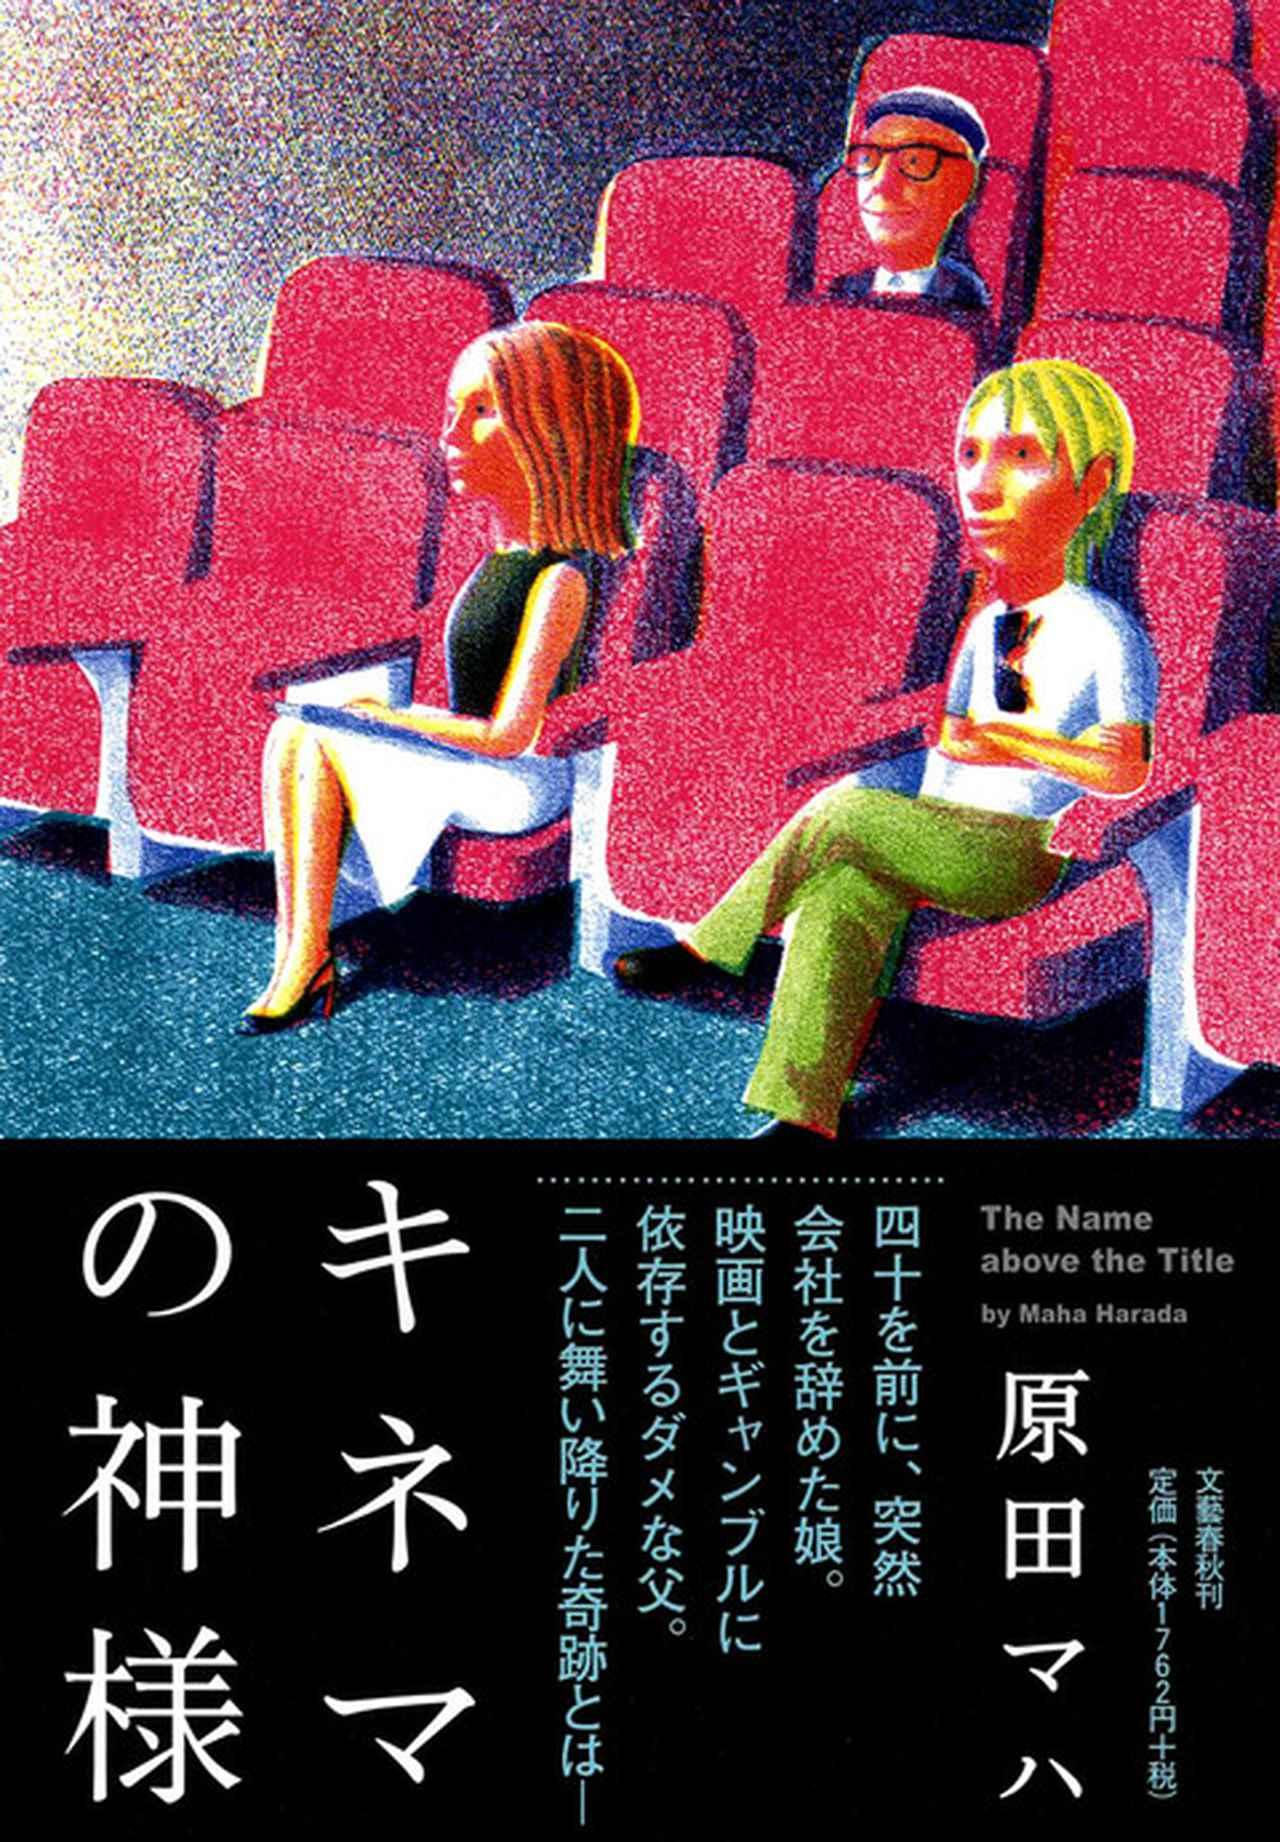 画像: 『 キネマの神様』(文藝春秋刊) books.bunshun.jp